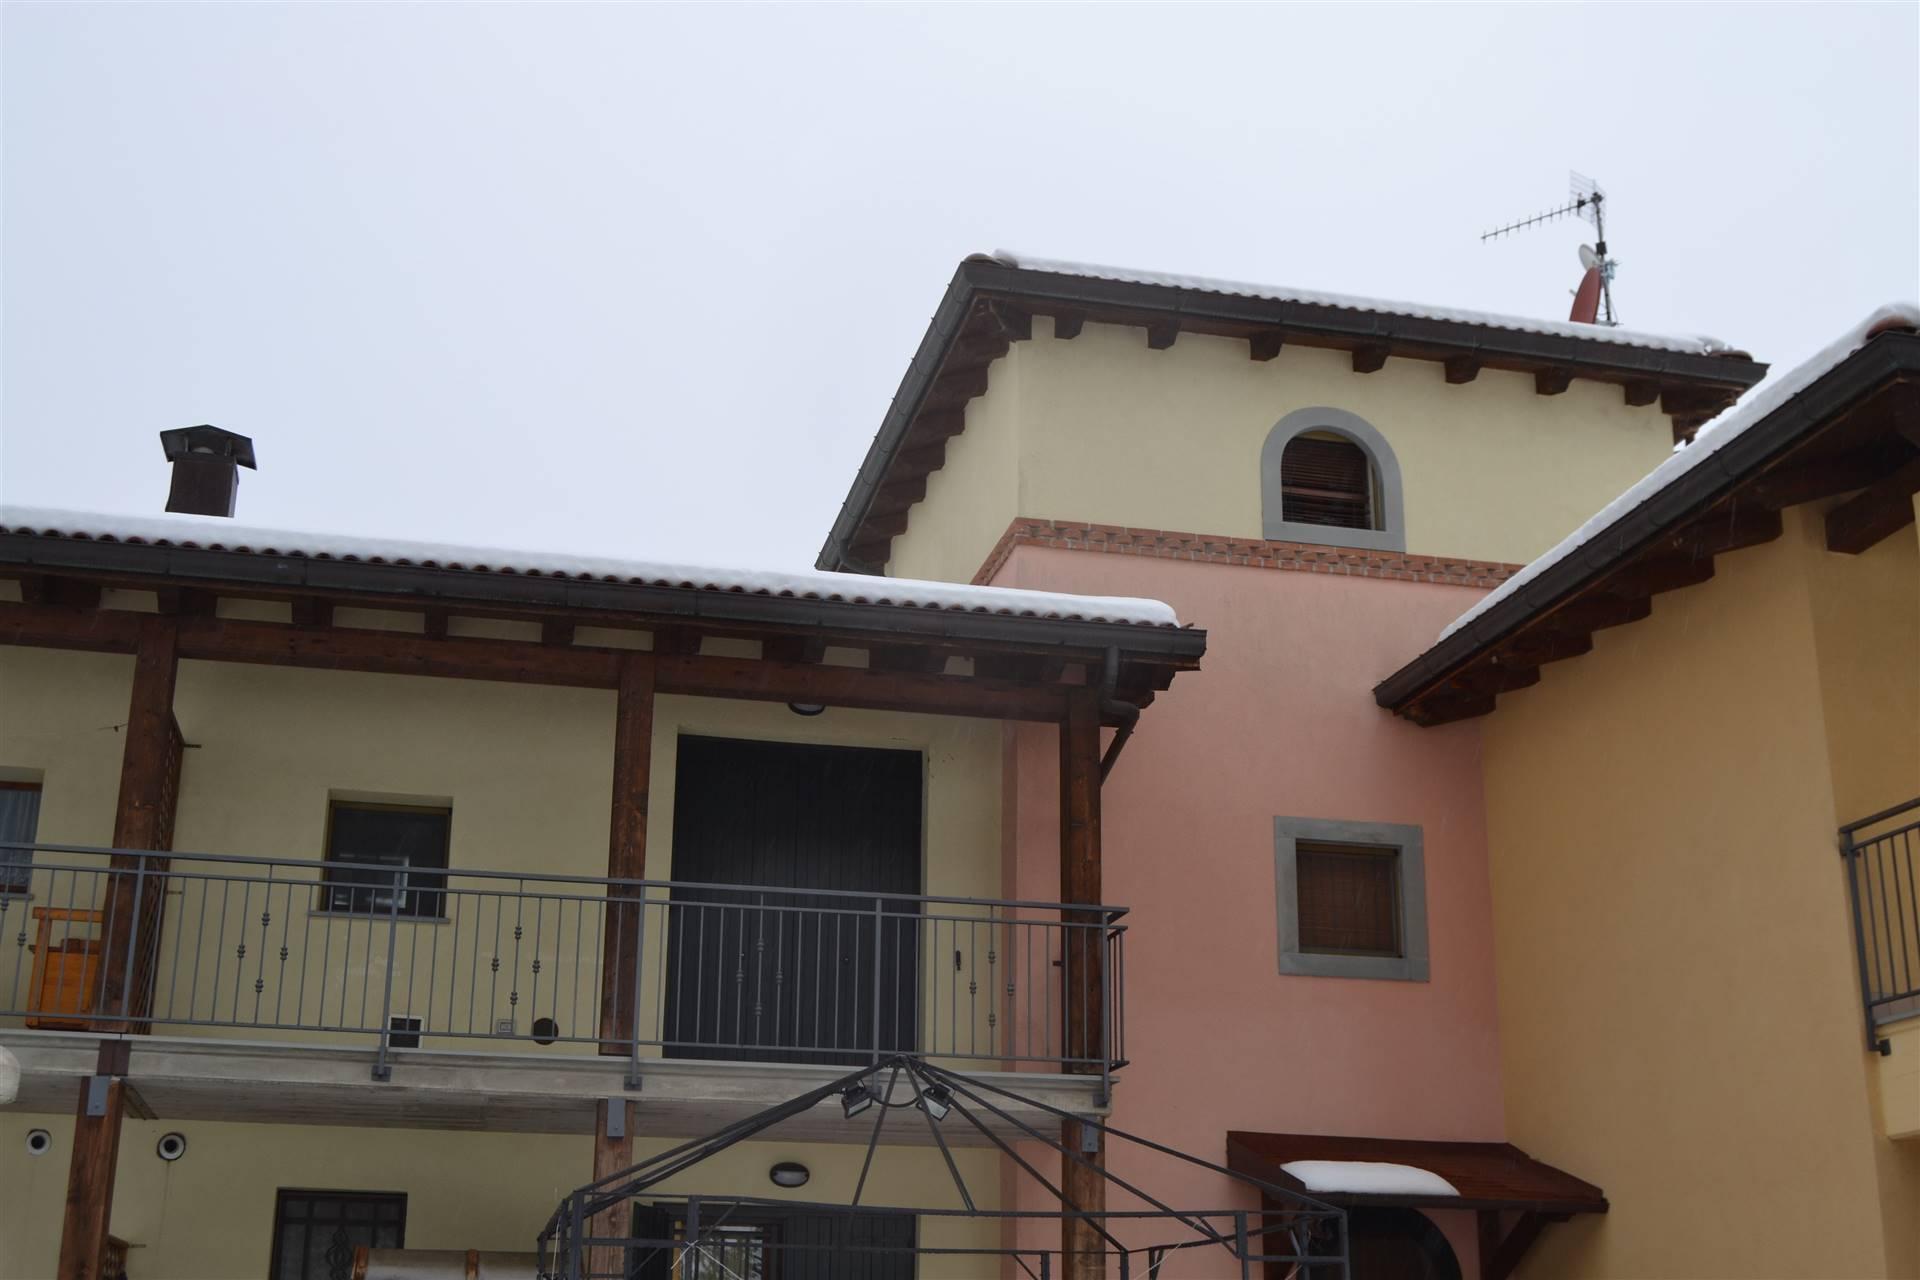 Appartamento in vendita a Grizzana Morandi, 4 locali, zona aro, prezzo € 59.000   PortaleAgenzieImmobiliari.it